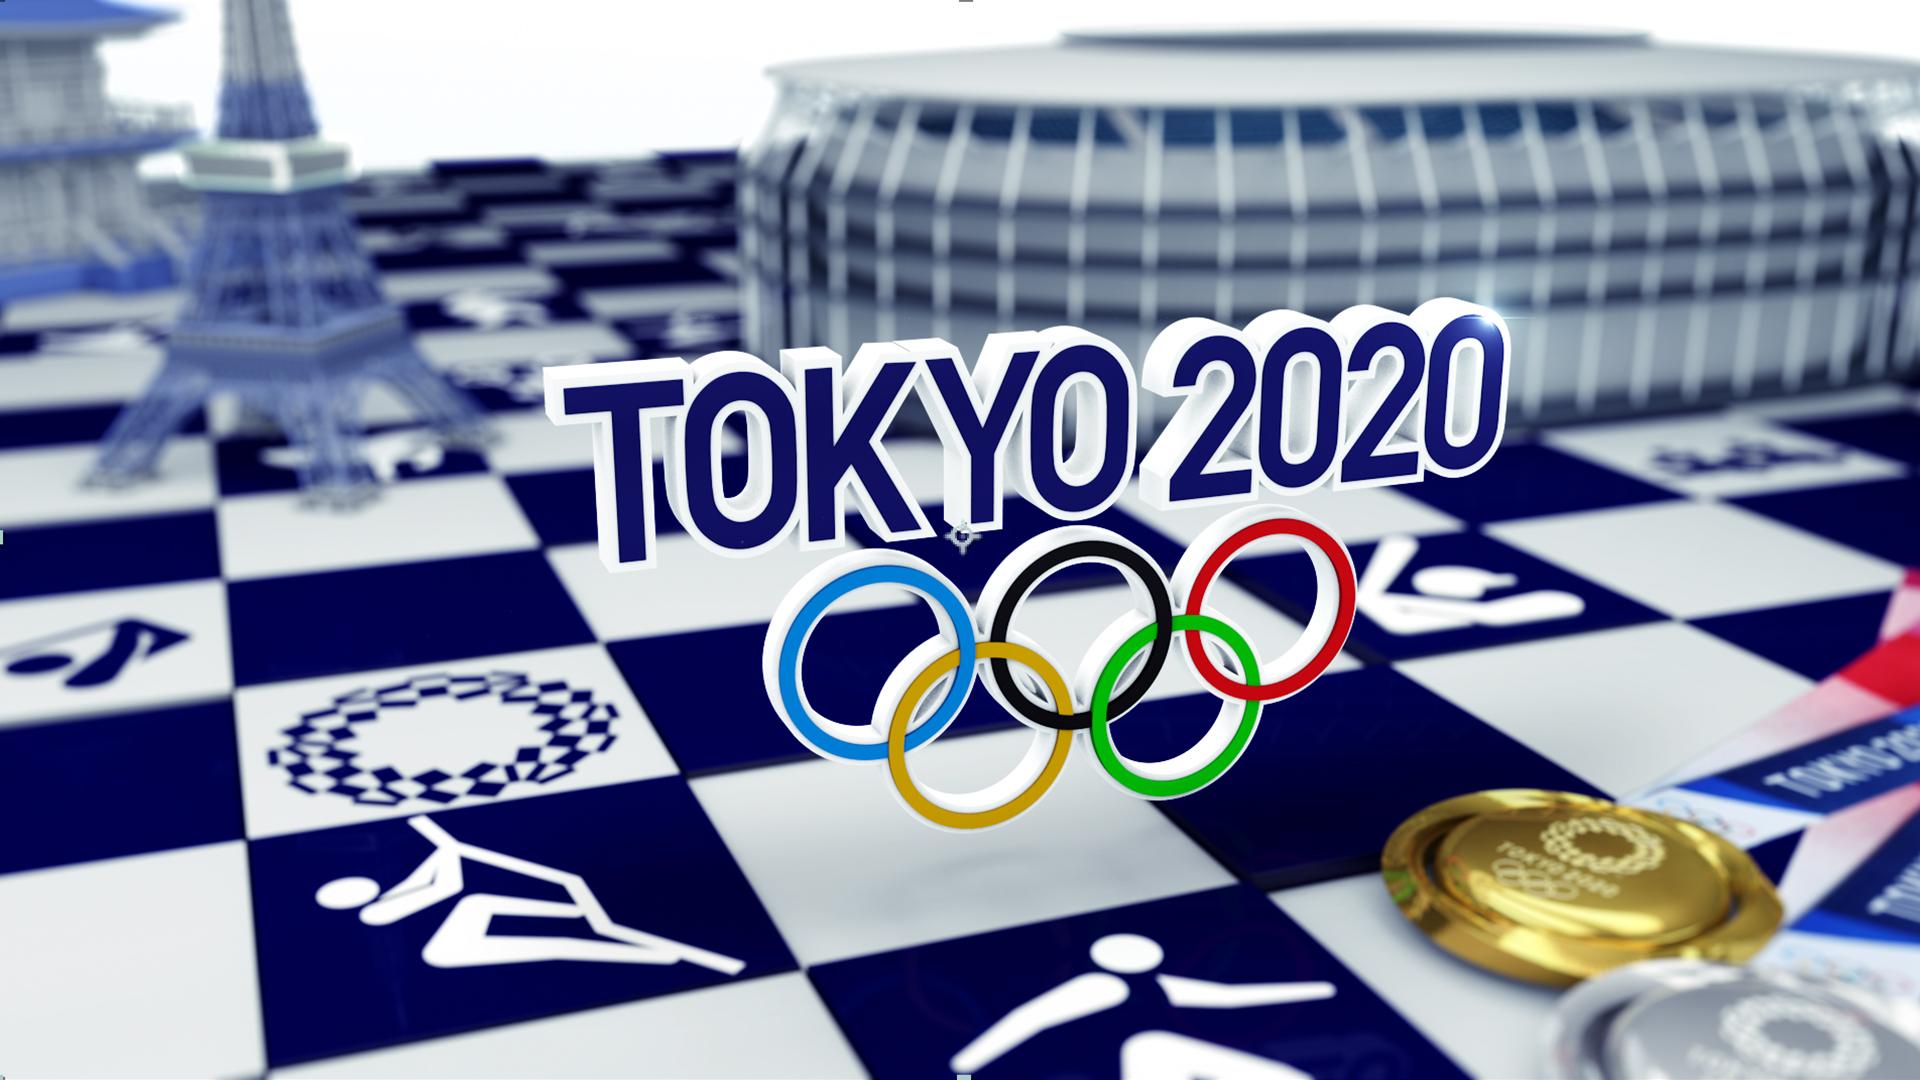 8月1日東京奧運賽事速報 (22:10)